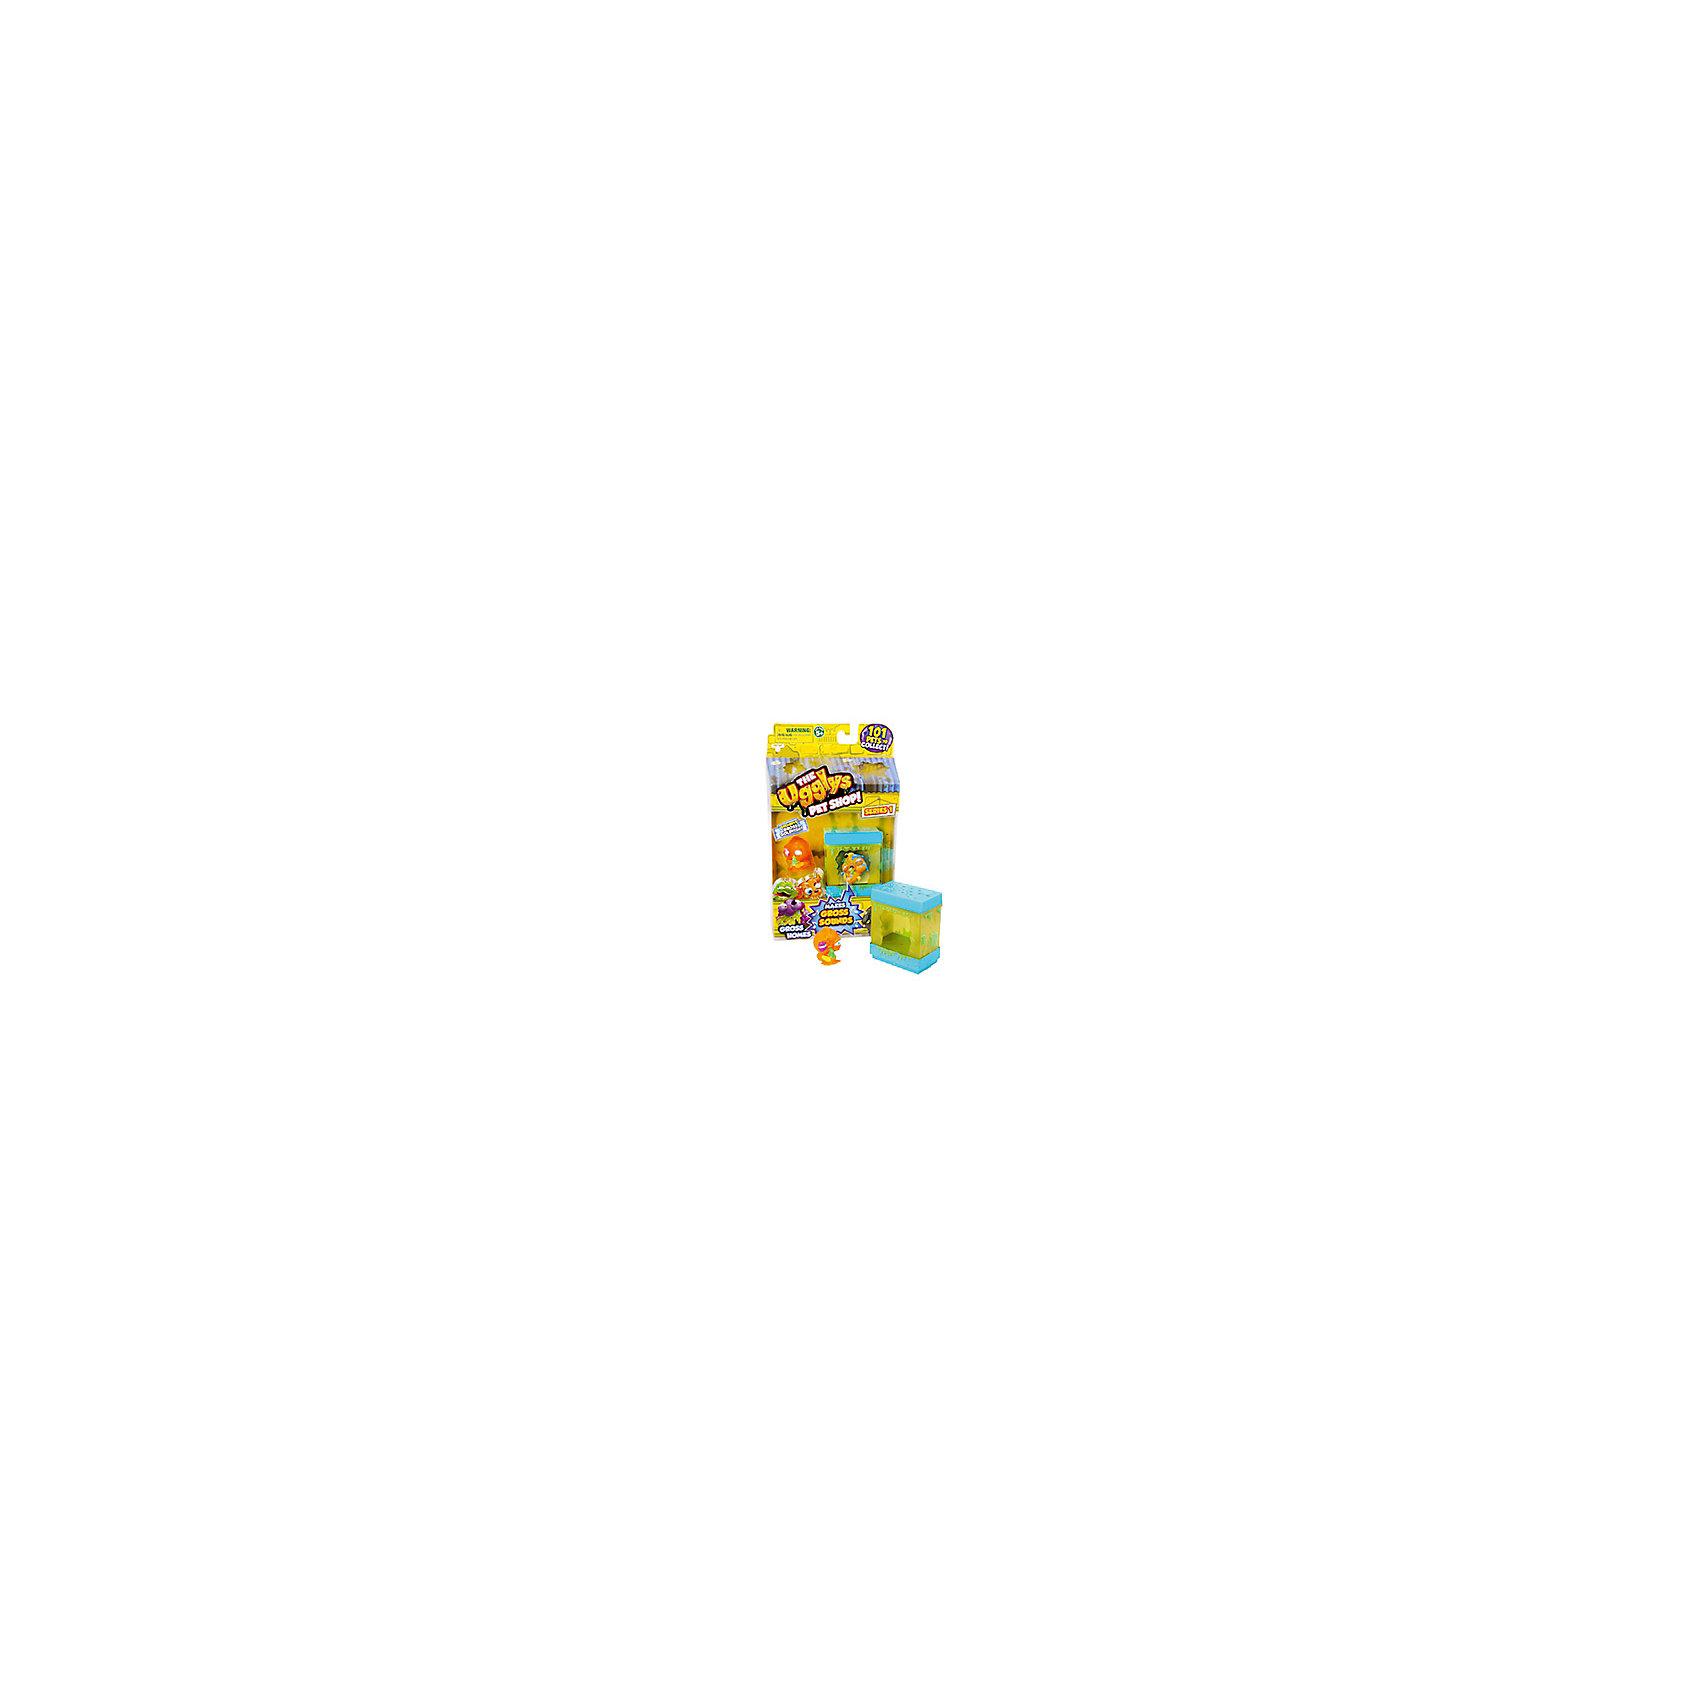 Набор Домик с фигуркой Dogay Dunm, Ugglys Pet ShopКоллекционные и игровые фигурки<br>Набор Домик с фигуркой, Ugglys Pet Shop – это настоящая находка для юной любительницы хулиганских питомцев.<br>Игровой набор из серии «Хулиганские животные» состоит из домика для питомца со звуковыми эффектами и уникальной фигурки питомца, которую нельзя найти в других упаковках и наборах серии. Яркий домик также неказист, как его обитатель, но может издавать преотвратительные звуки, если на него нажать. А если соединить несколько домиков вместе, то из них получится этакая шумная многоэтажная хрущоба для животных.<br><br>Дополнительная информация:<br><br>- В наборе: домик, уникальная фигурка<br>- Материал: высококачественная пластмасса, прорезиненный материал<br>- Батарейки: 2 батарейки LR44 (в комплект не входят)<br>- Размер упаковки: 140х230х50 мм.<br>- Вес: 189 гр.<br><br>Набор Домик с фигуркой, Ugglys Pet Shop можно купить в нашем интернет-магазине.<br><br>Ширина мм: 140<br>Глубина мм: 230<br>Высота мм: 50<br>Вес г: 189<br>Возраст от месяцев: 60<br>Возраст до месяцев: 144<br>Пол: Унисекс<br>Возраст: Детский<br>SKU: 4849996